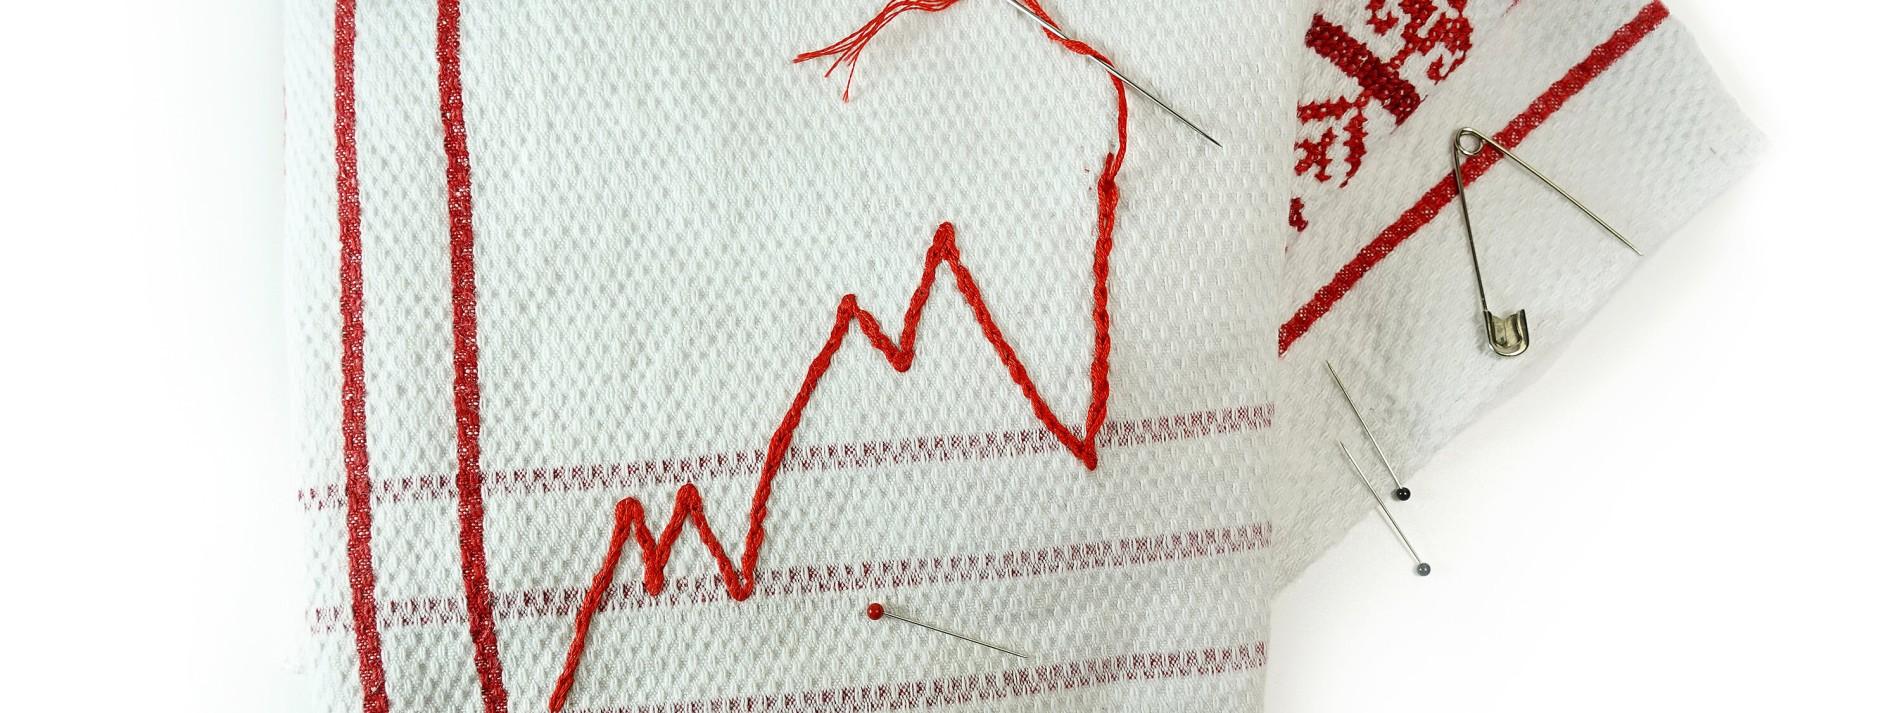 Mit Aktien zur sicheren Rente